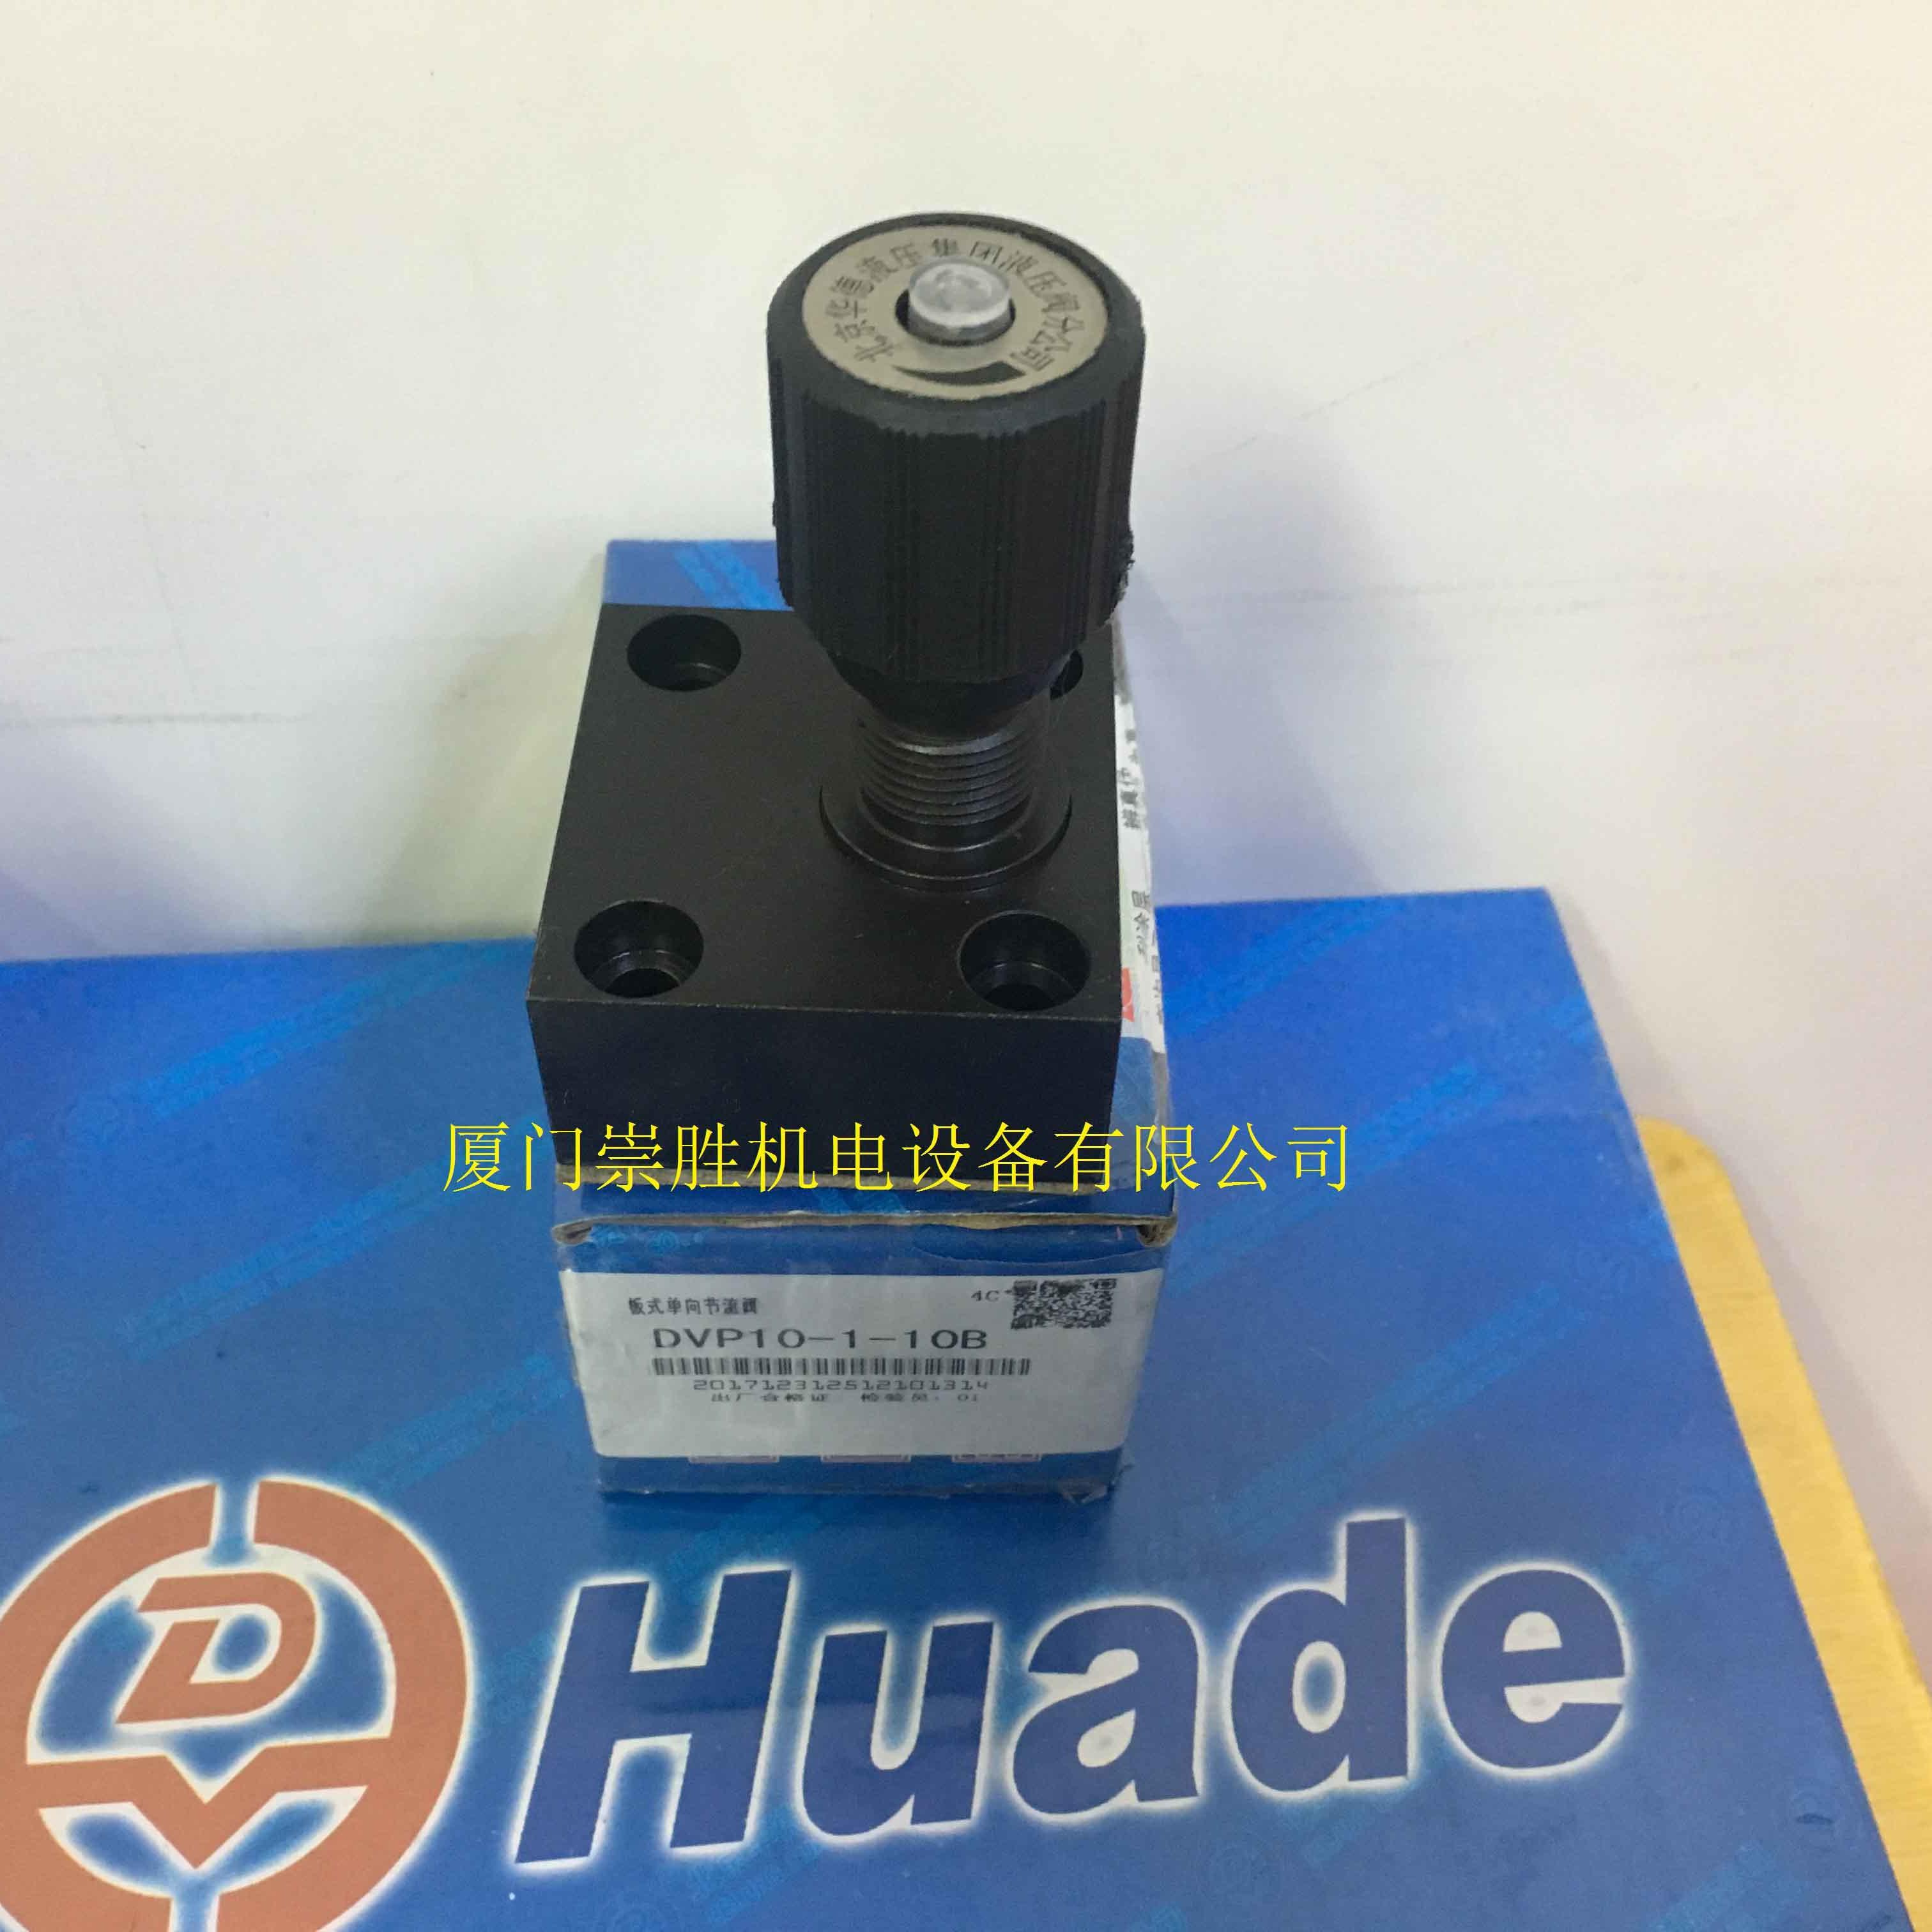 推荐现货华德huade液压阀dvp10-1-10b/板式单向节流阀图片